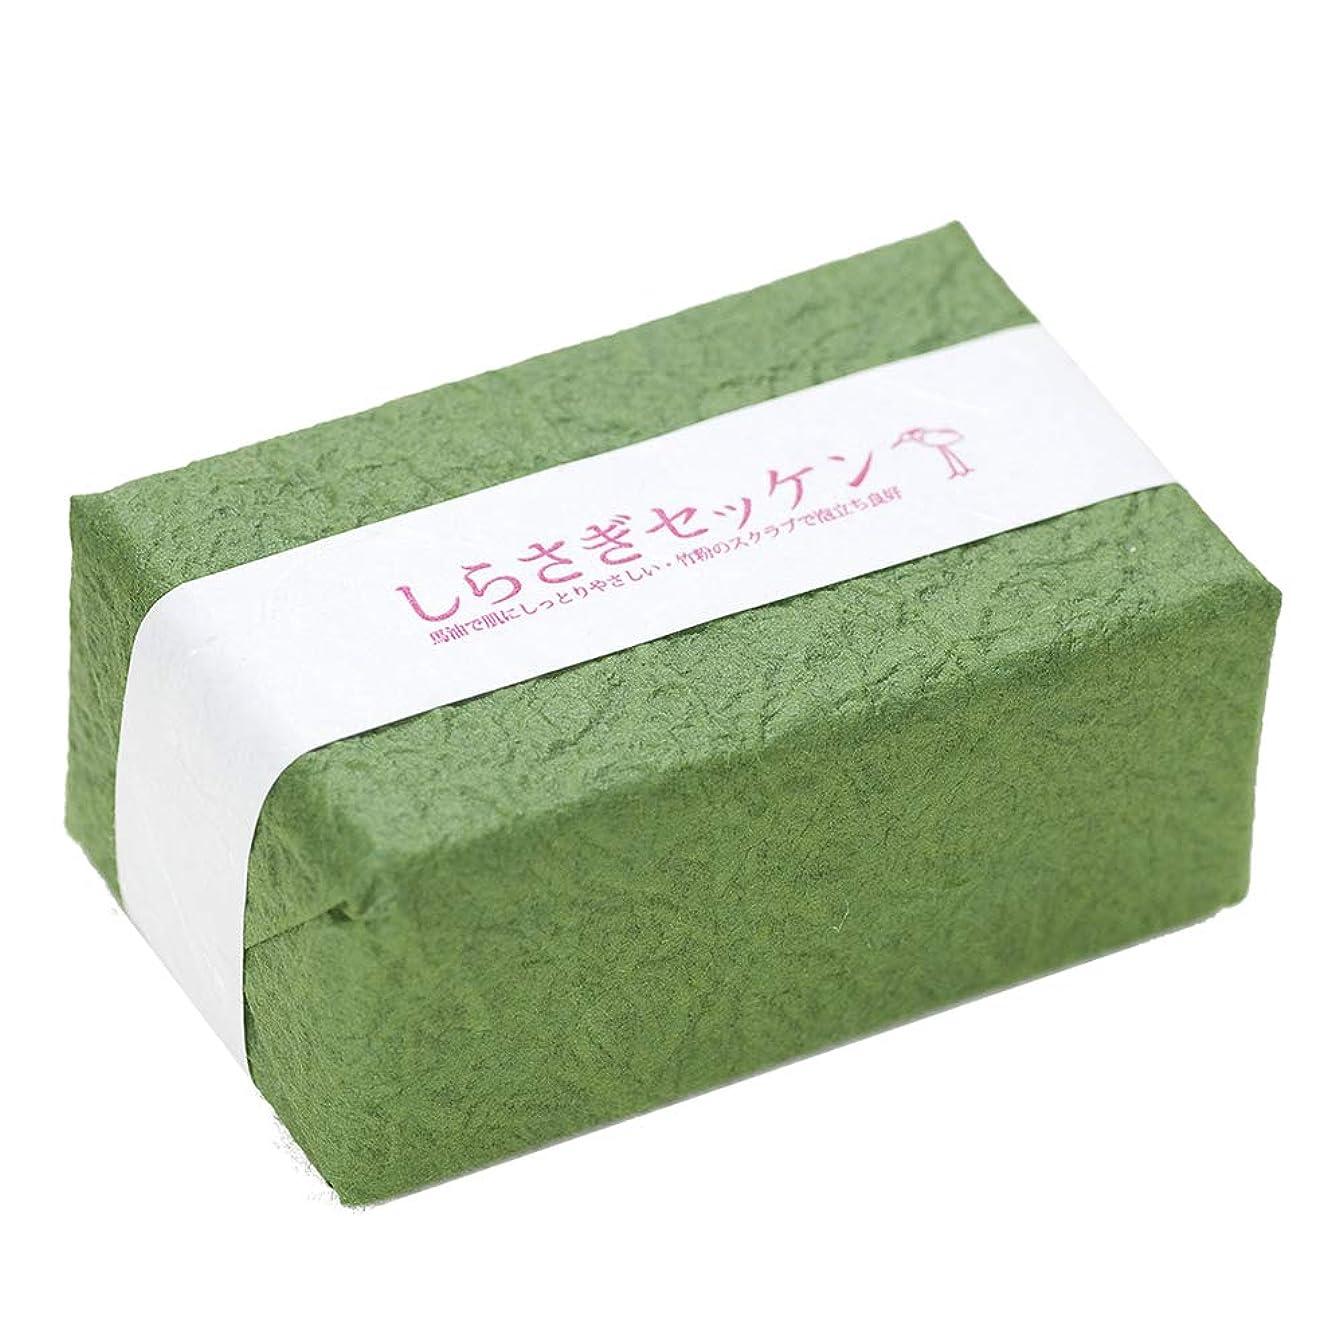 流論理的儀式しらさぎセッケン (馬油 ココナツオイル 竹粉 天然成分 保湿石鹸)